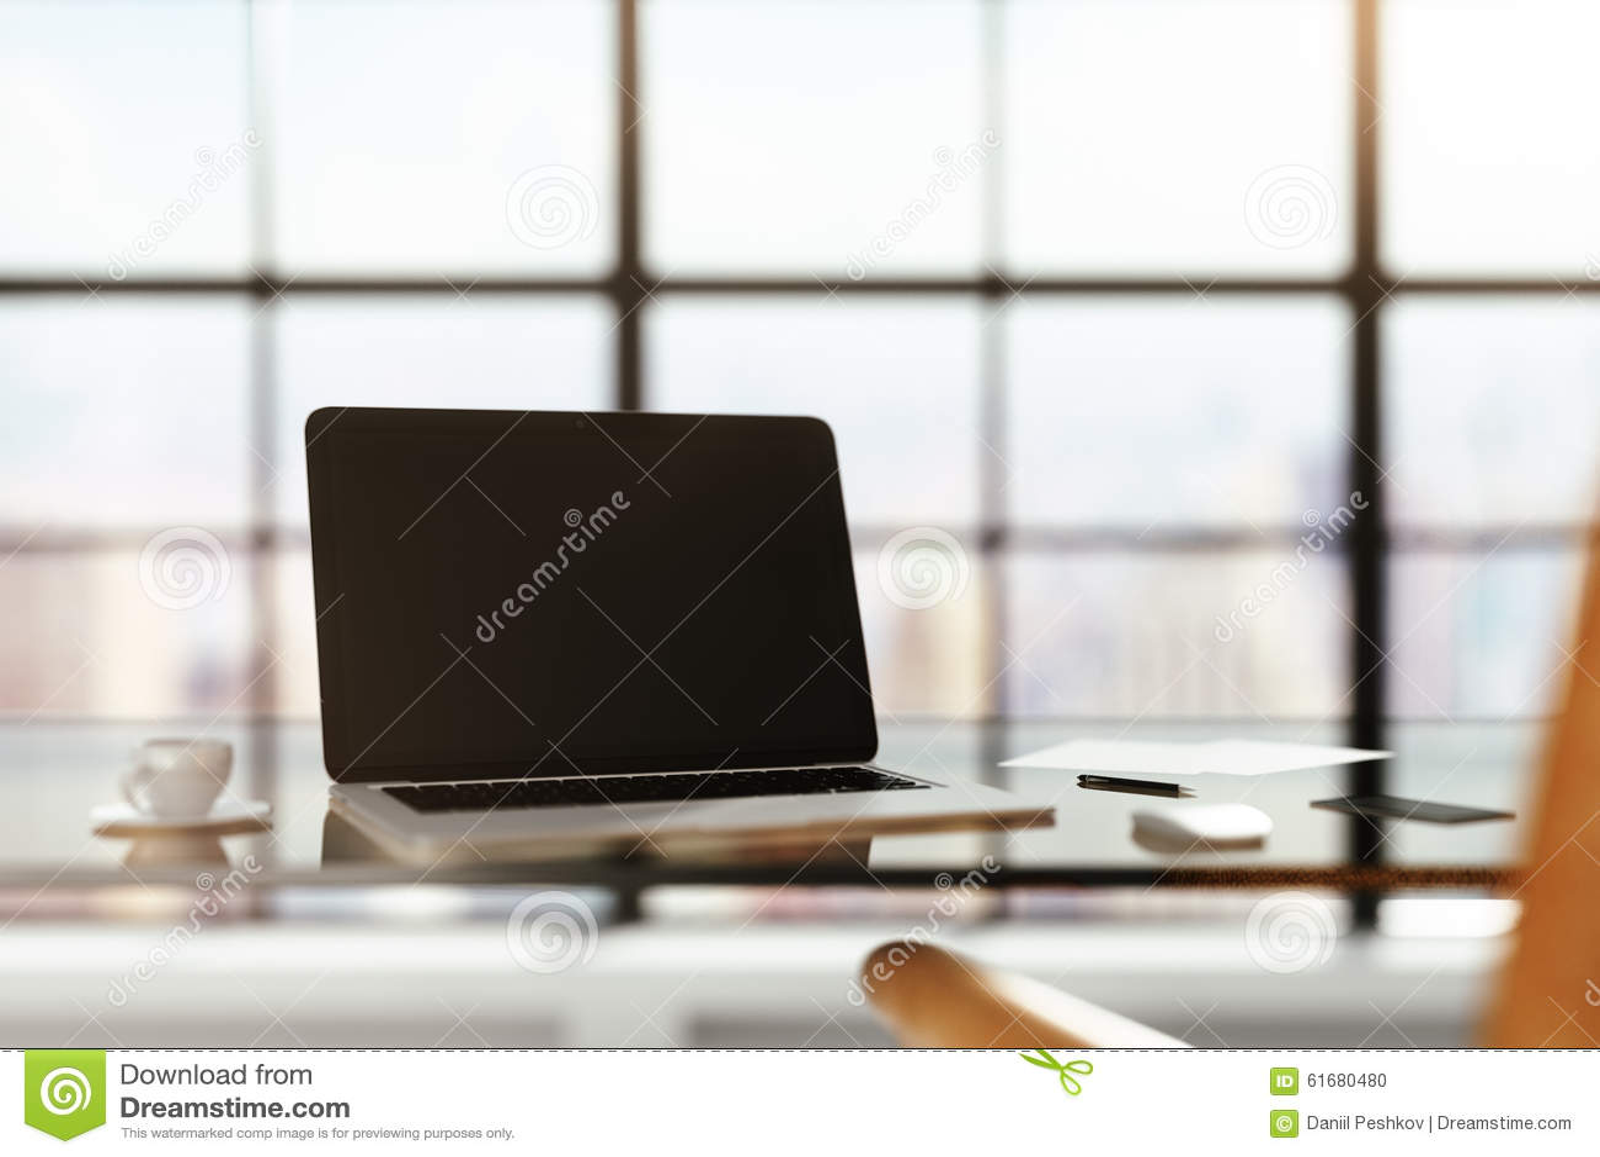 Pusty laptop na szklistym stole w pogodnym pokoju